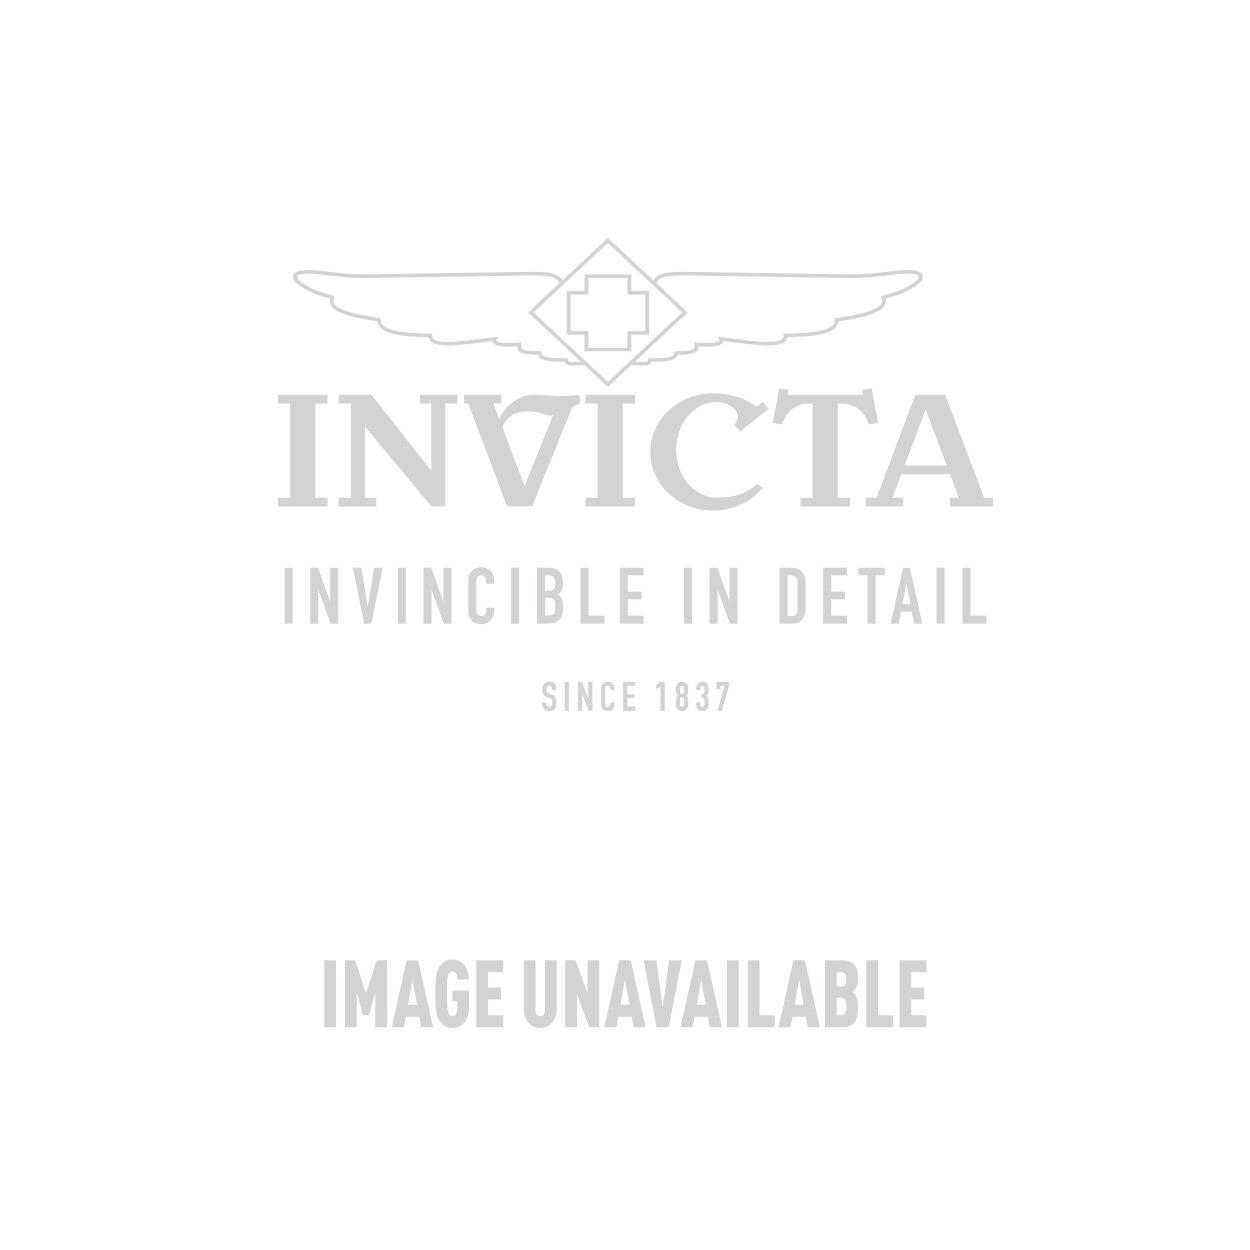 Invicta Model 25323